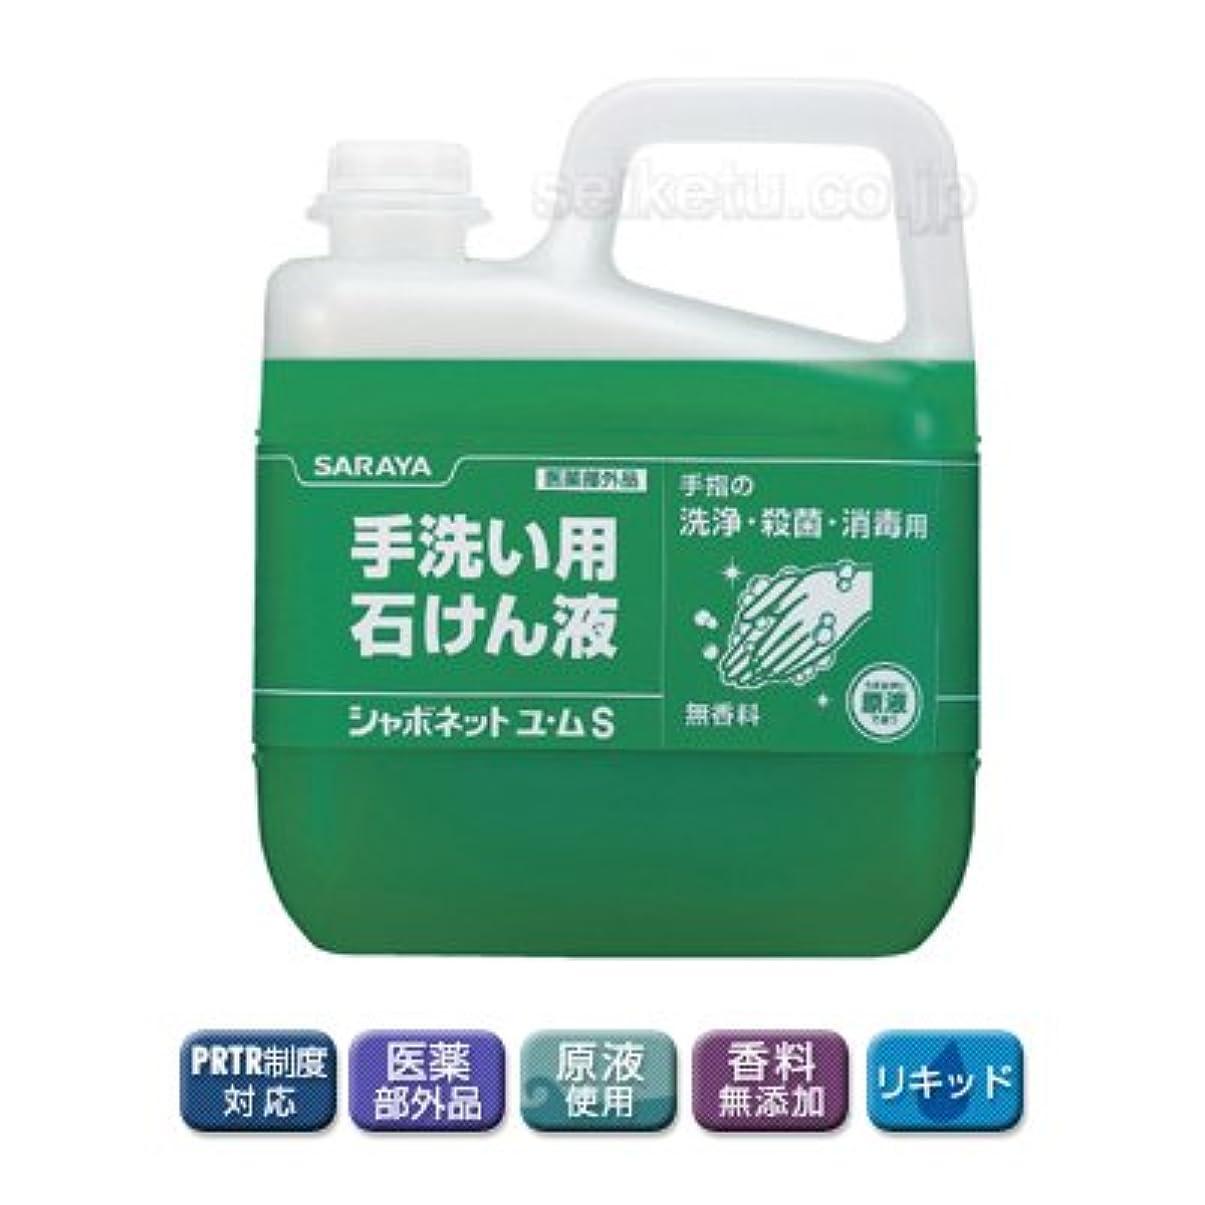 教授砂上回る【清潔キレイ館】サラヤ シャボネット石鹸液ユ?ムS(5kg)